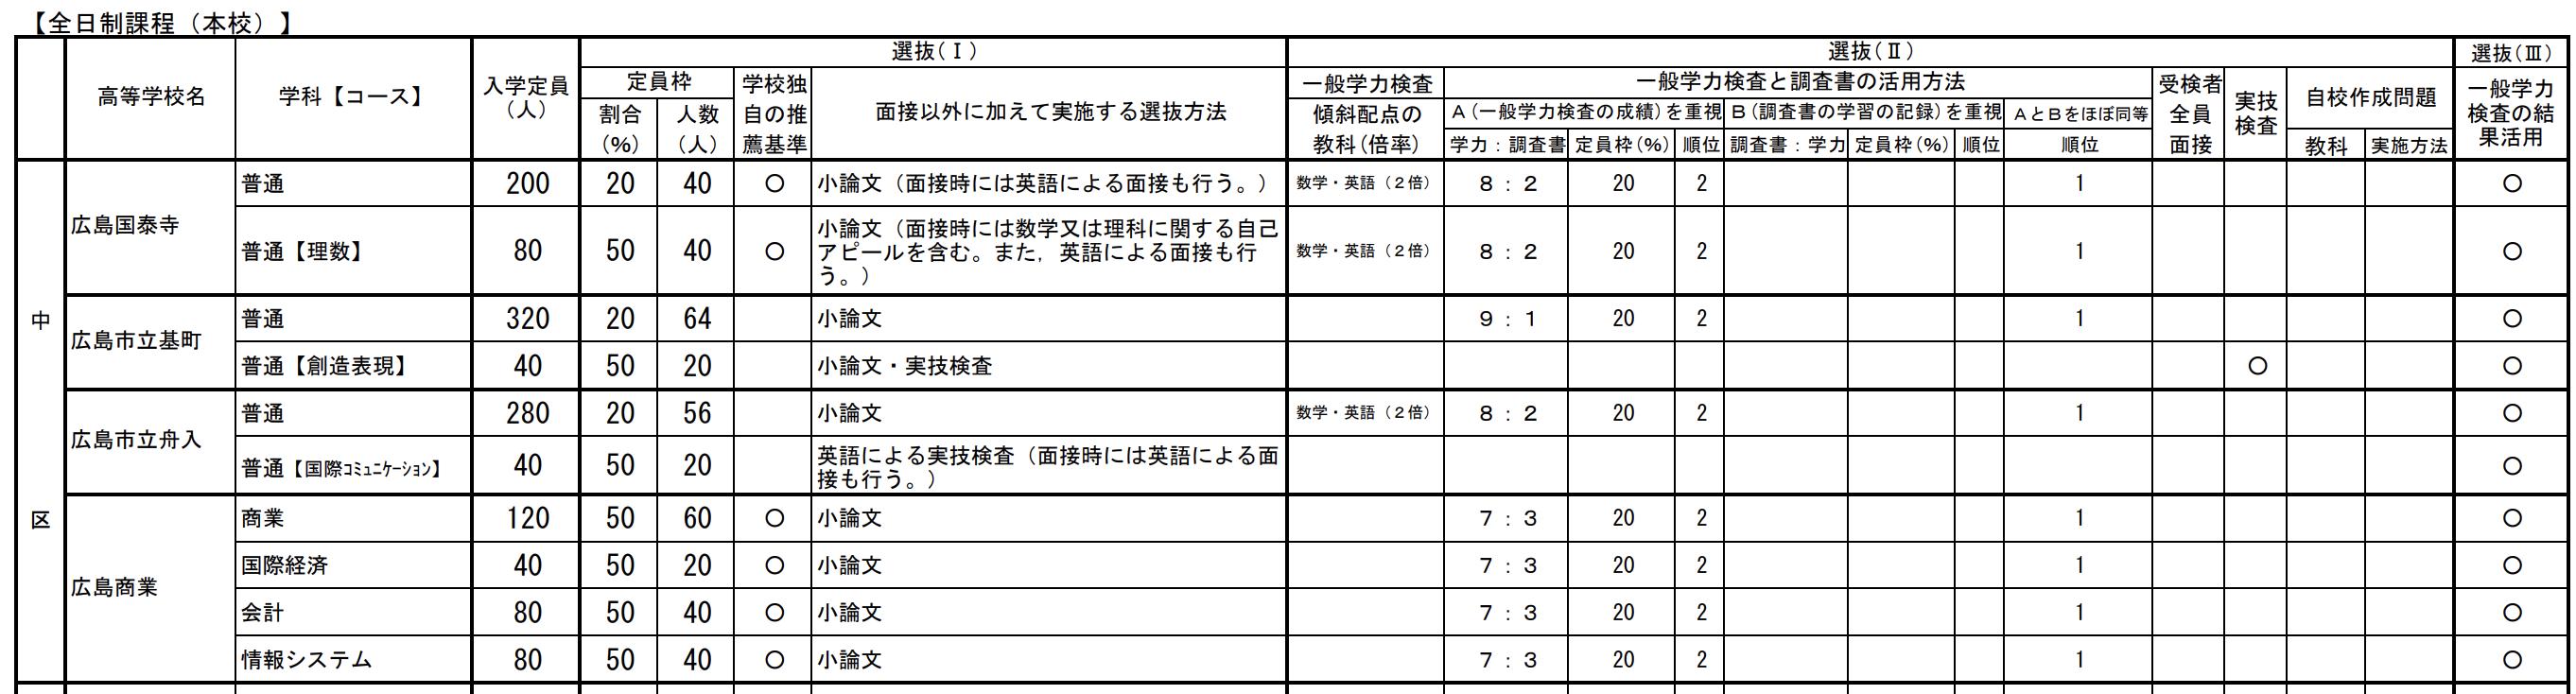 広島県公立高校入試制度4